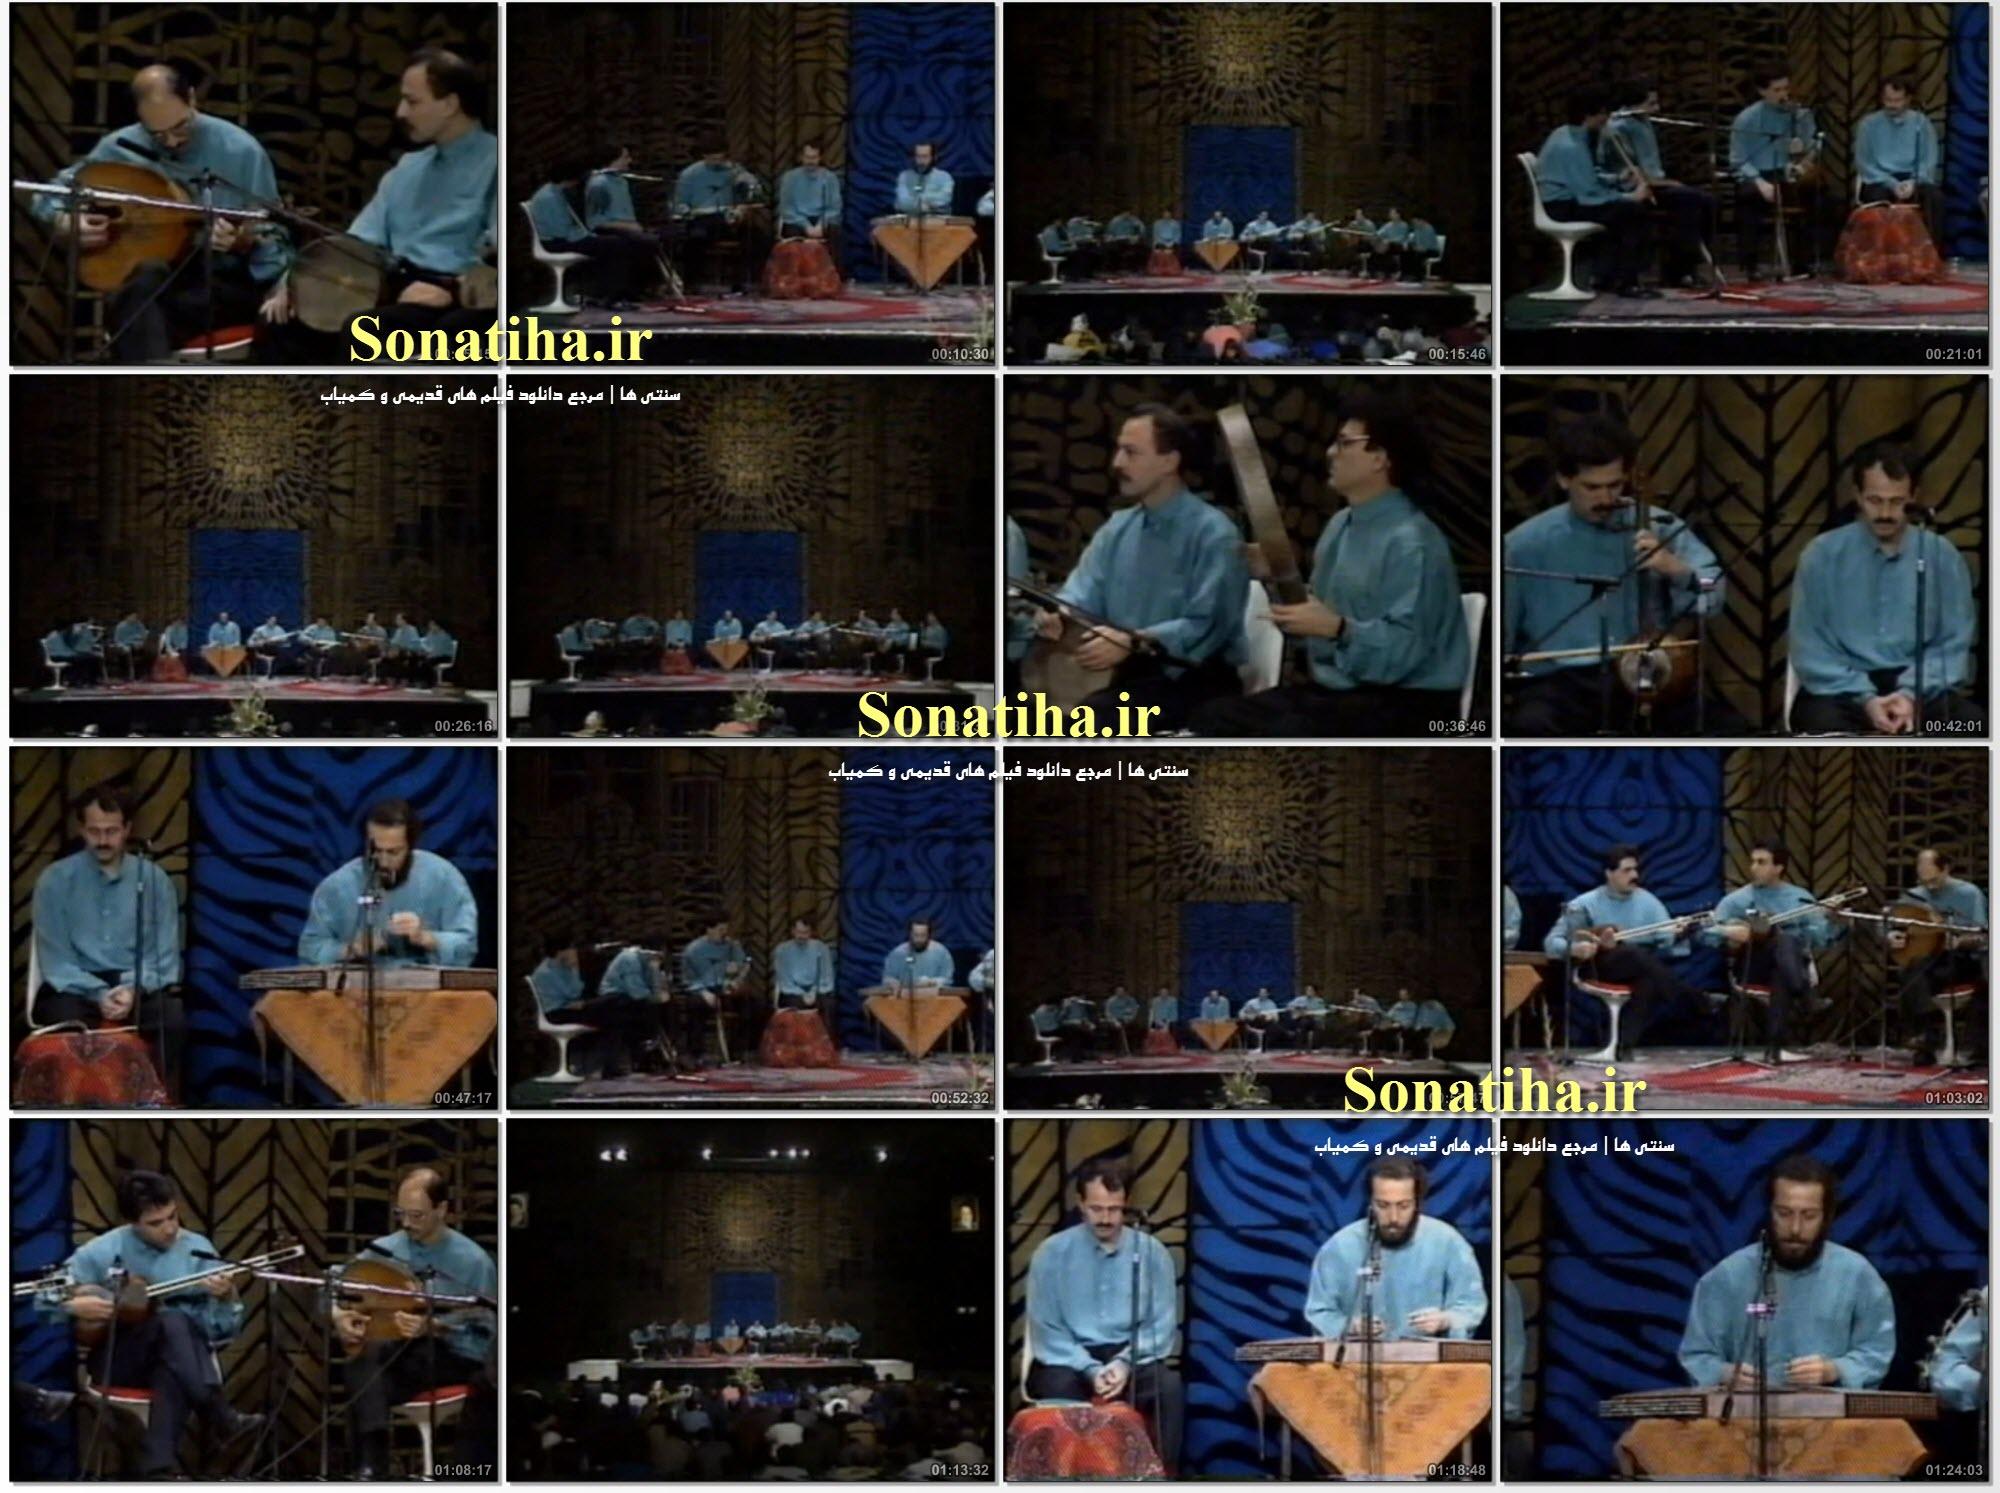 تصاویری از کنسرت گروه دستان و ایرج بسطامی